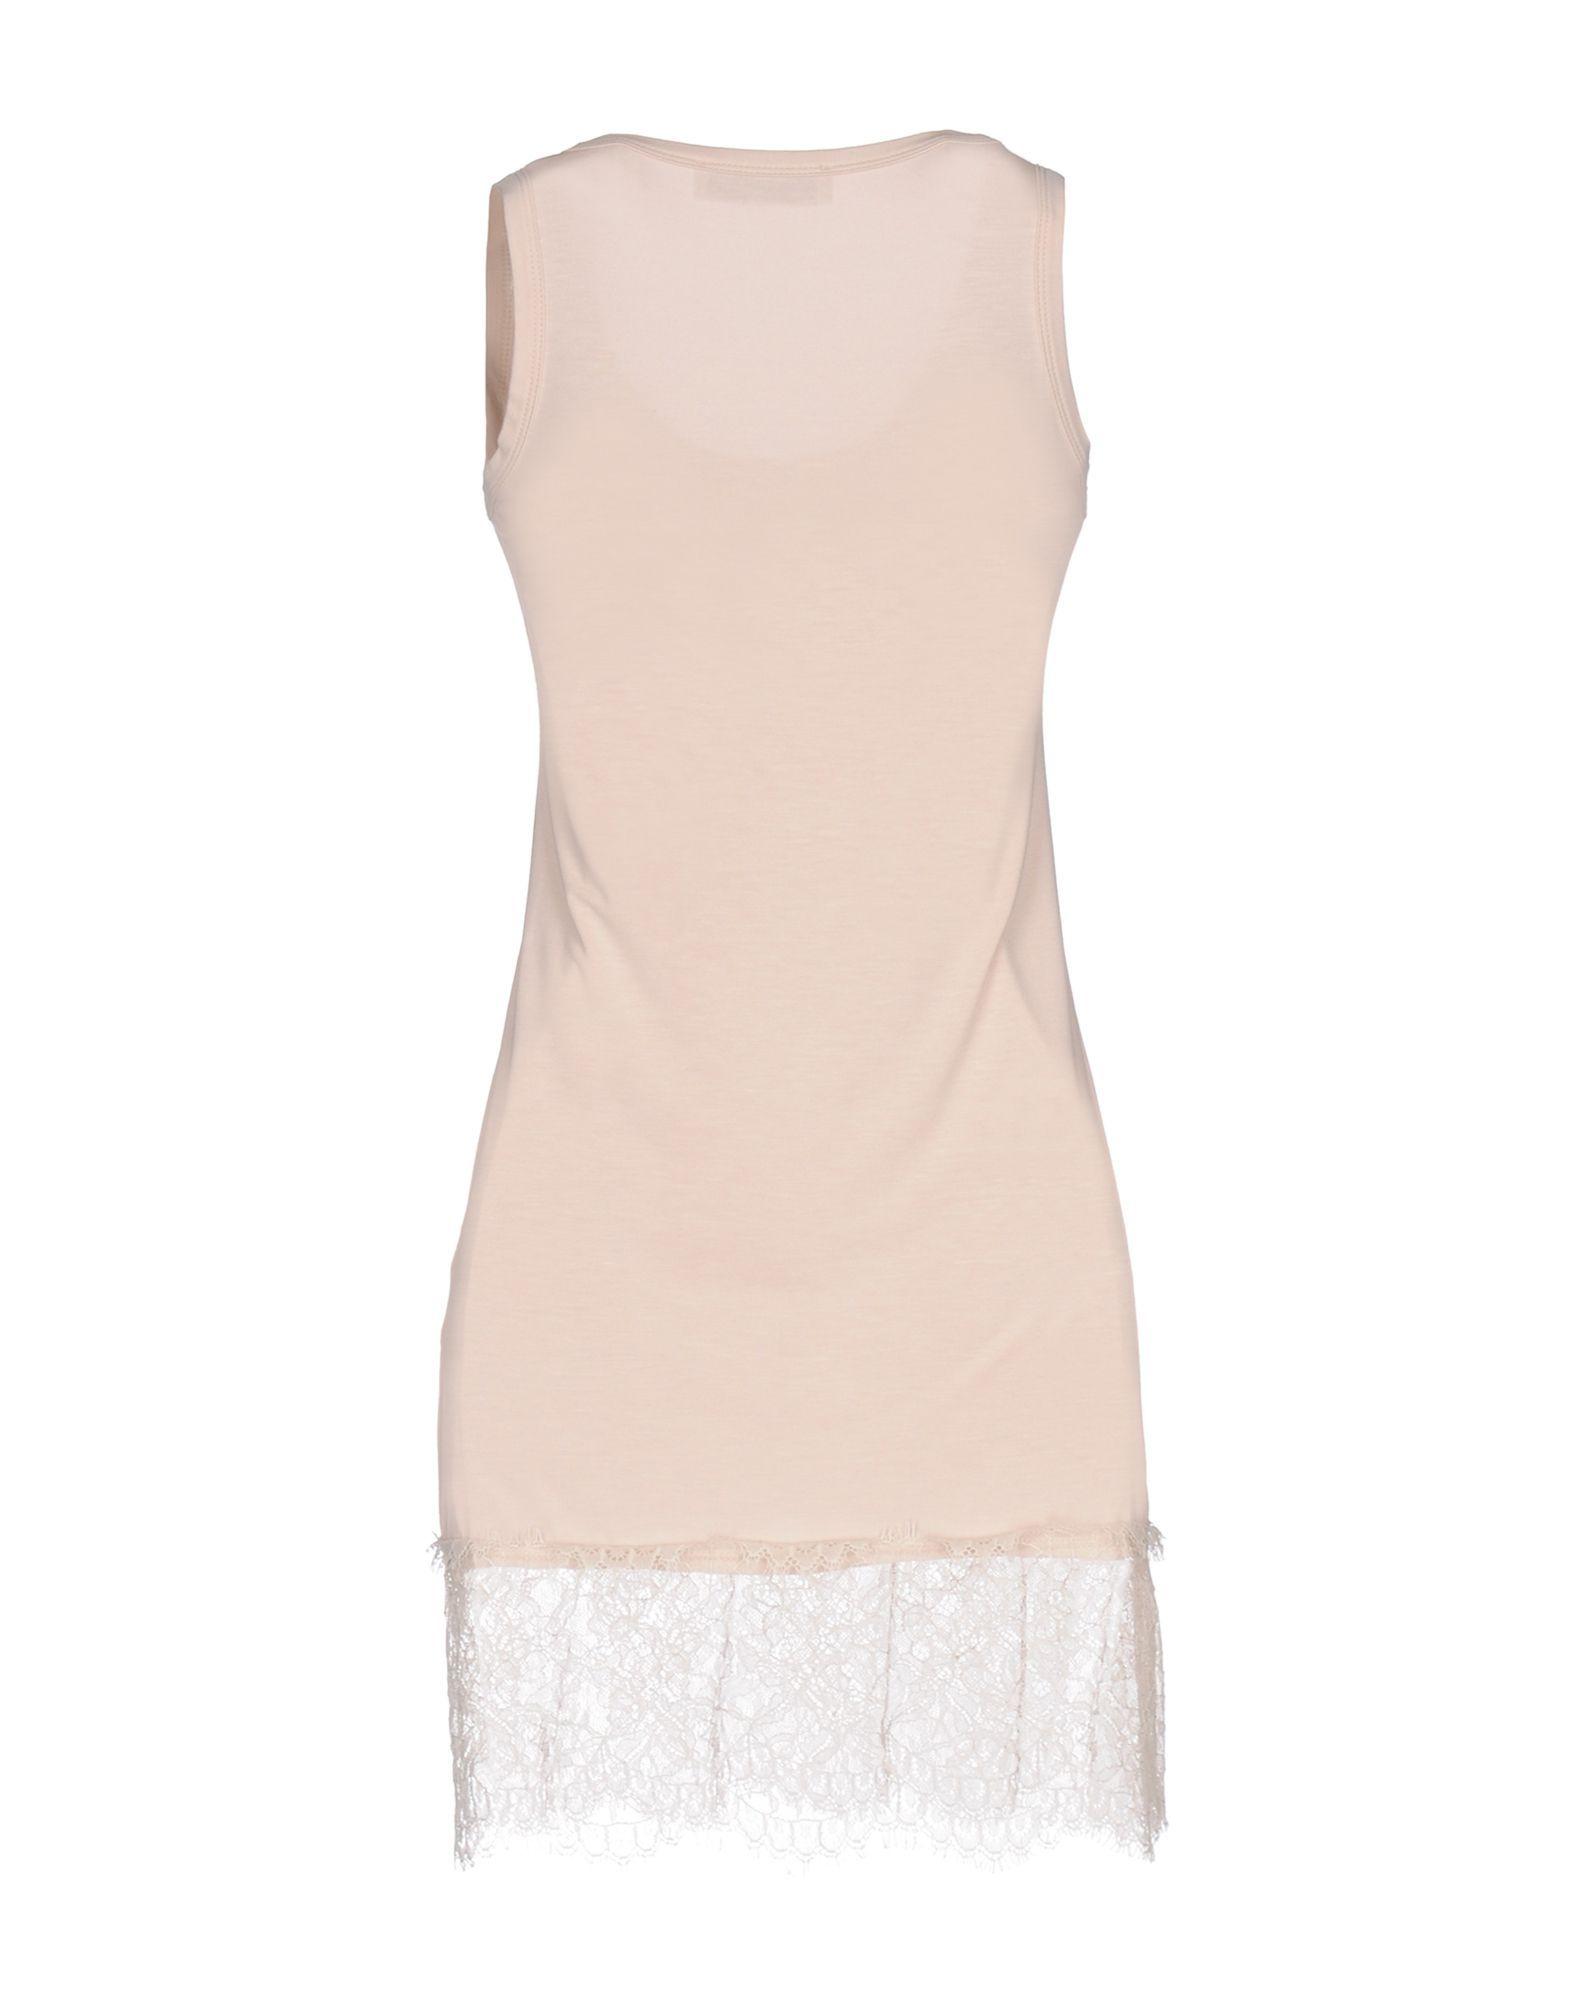 Kaos Pink Jersey And Lace Sleeveless Dress